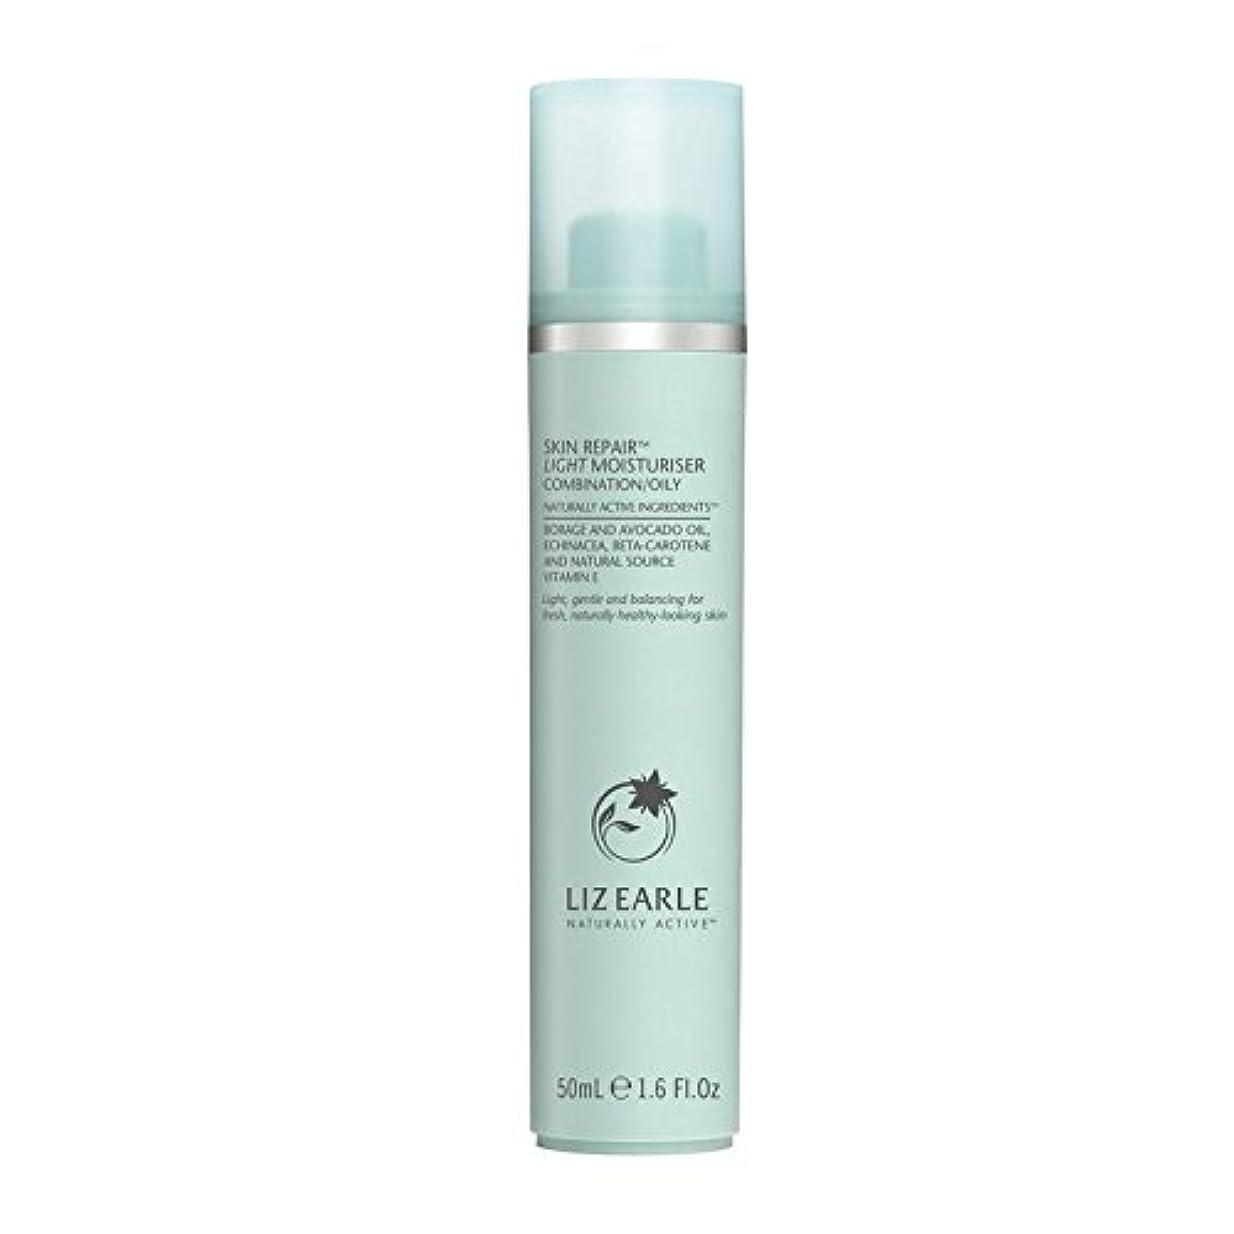 適応するキャンセル好意的リズアールスキンリペア光の保湿剤の組み合わせ/油性50ミリリットル x4 - Liz Earle Skin Repair Light Moisturiser Combination/Oily 50ml (Pack of...